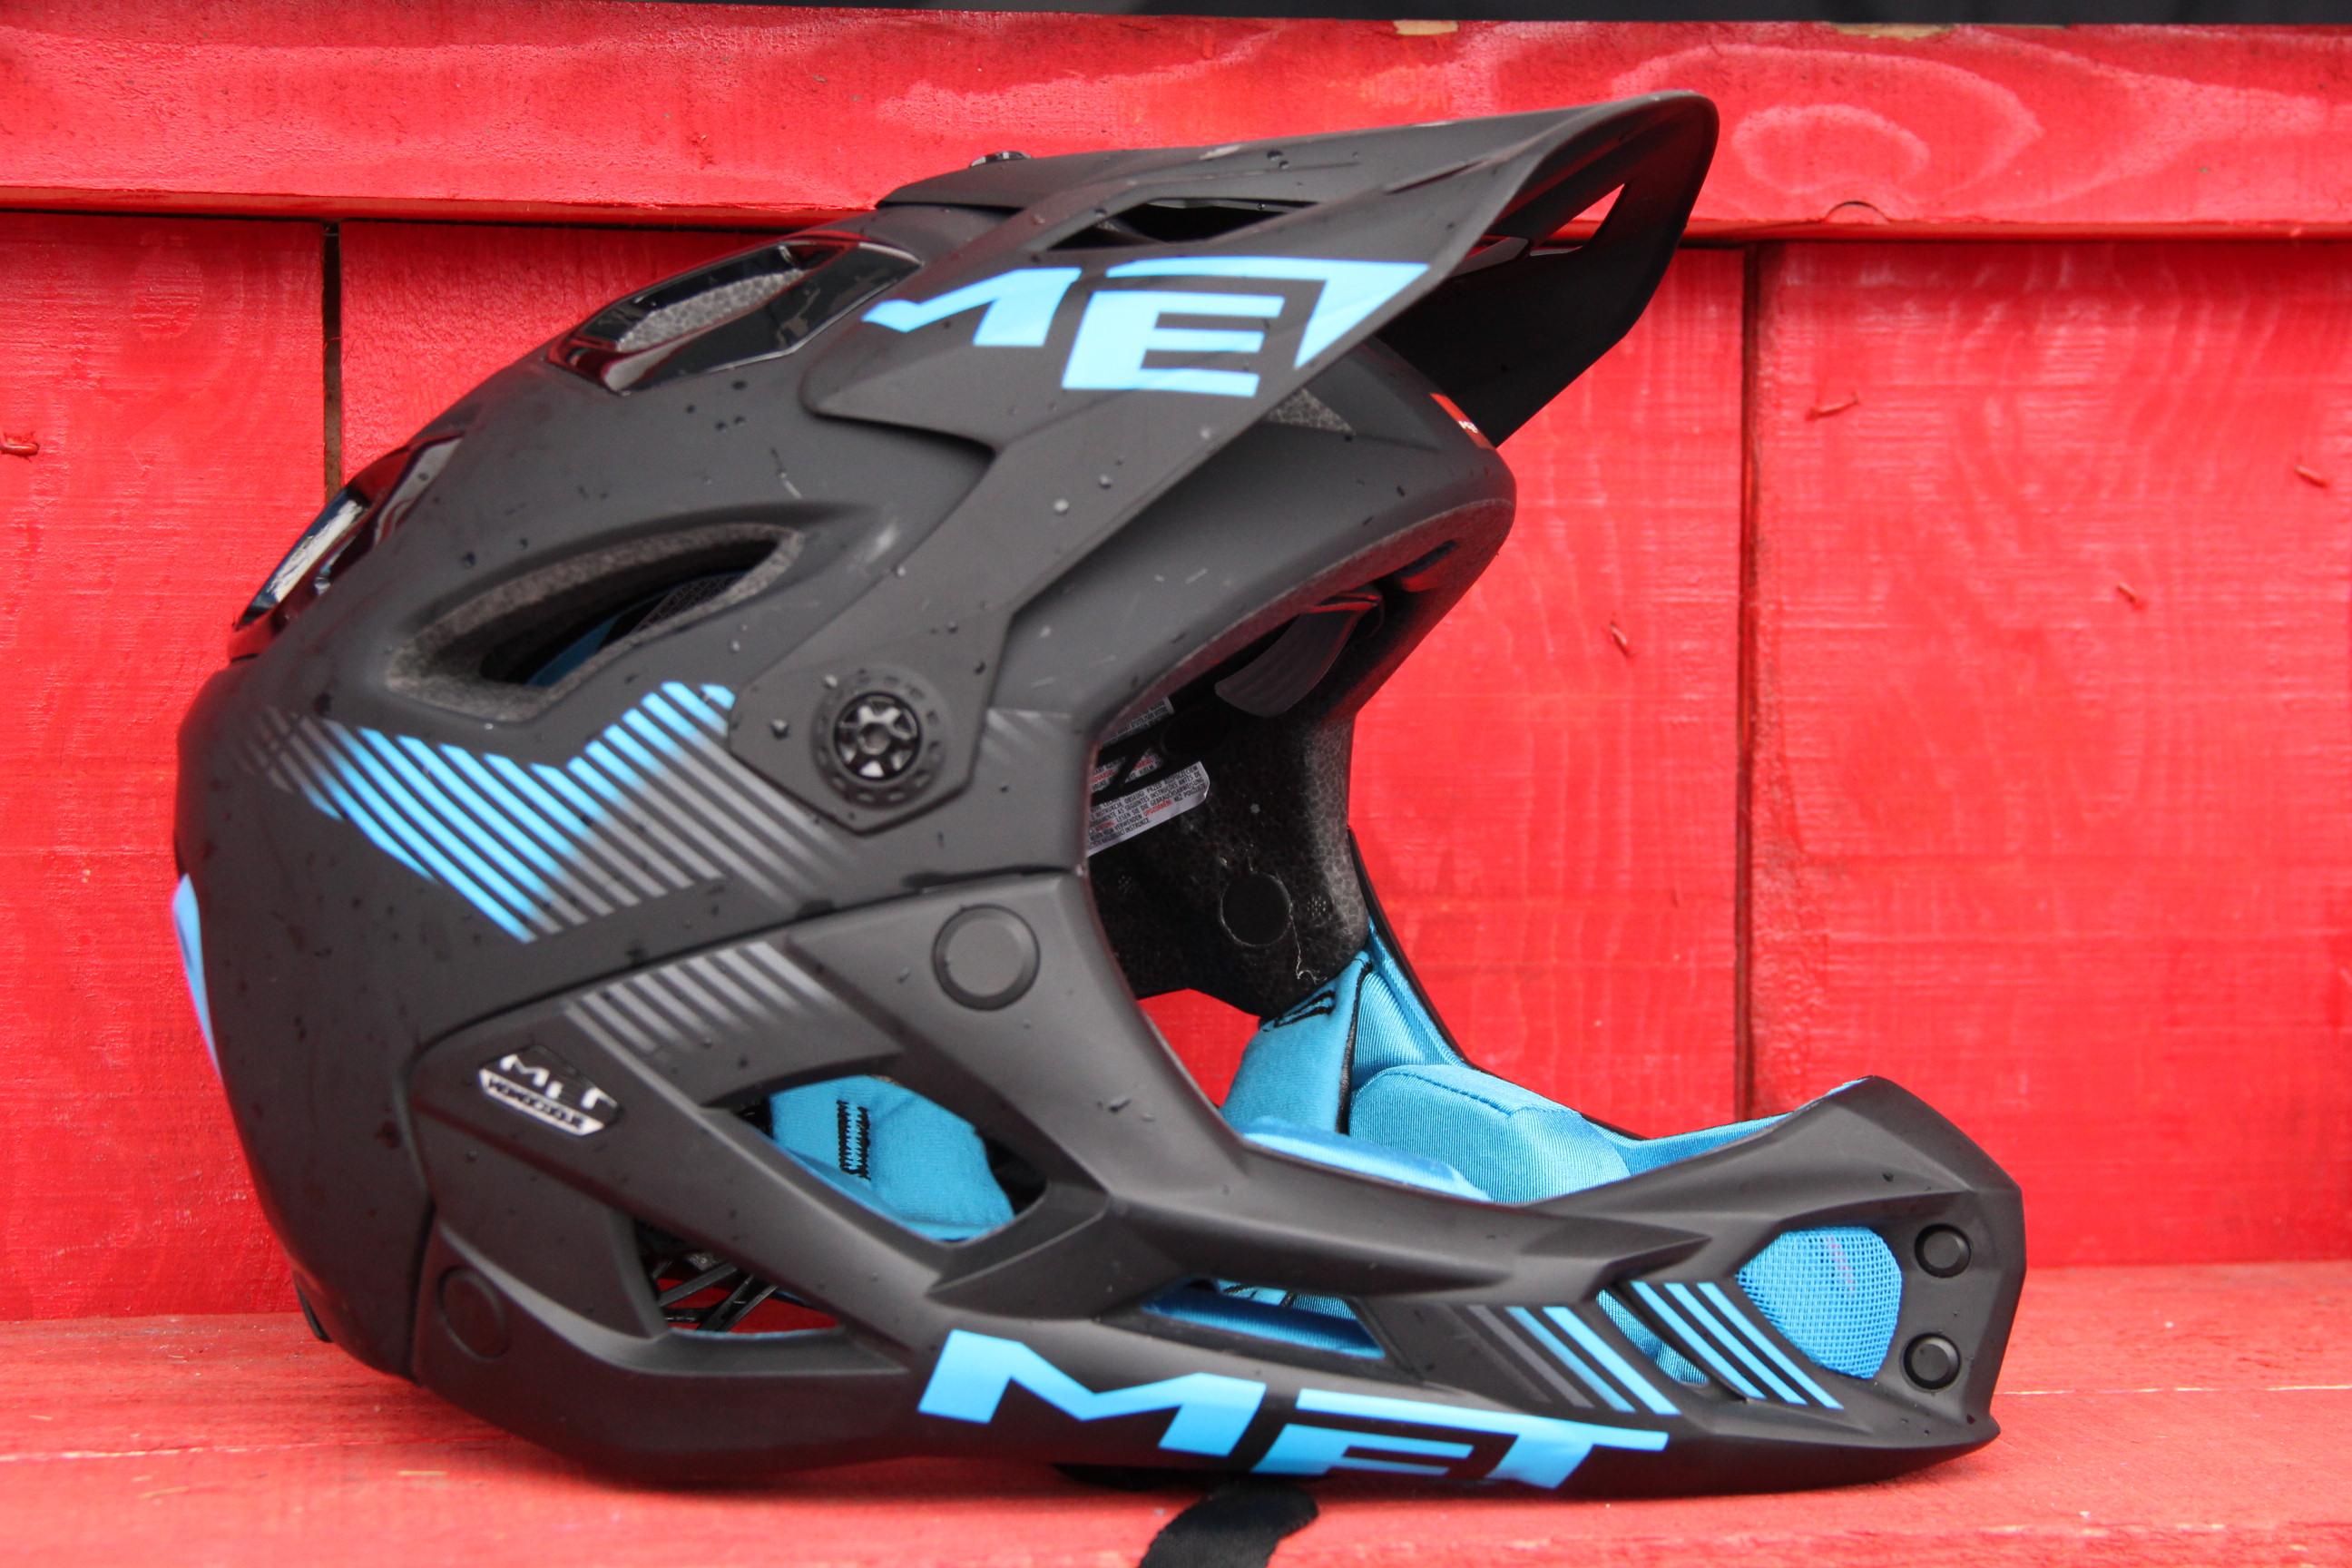 MET bringt mit dem Parachute einen superleichten Enduro-Helm auf den Markt! 740 Gramm (Gr. L) für 199 Euro.